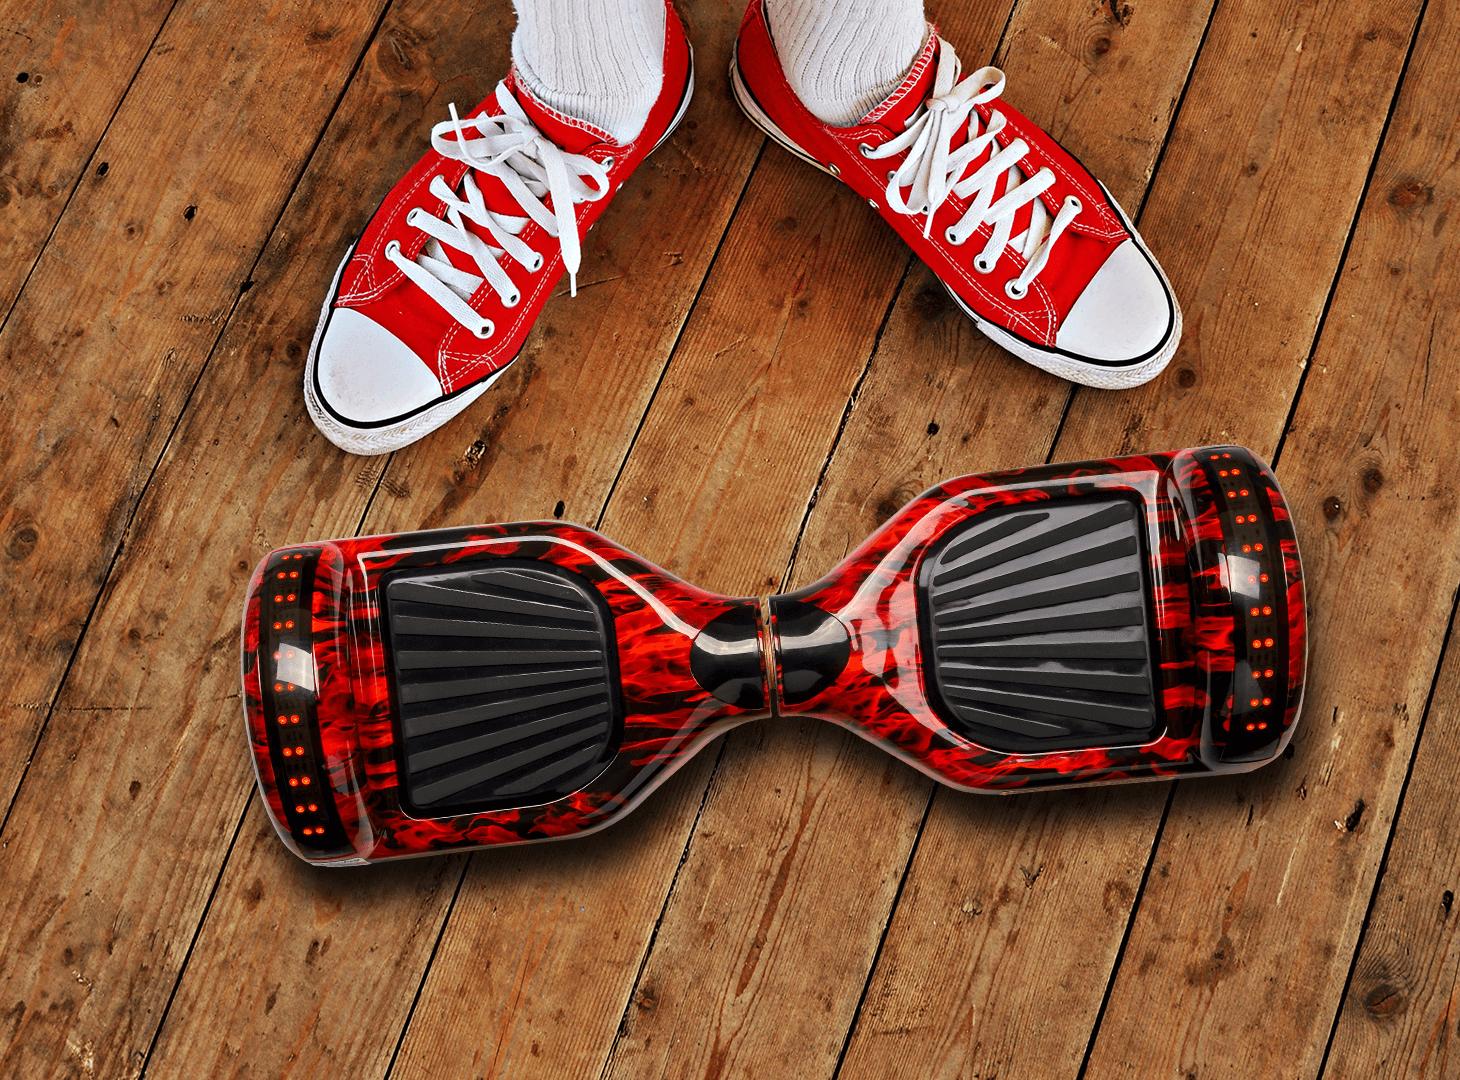 Invata in 10 minute sa mergi pe hoverboard. E simplu!